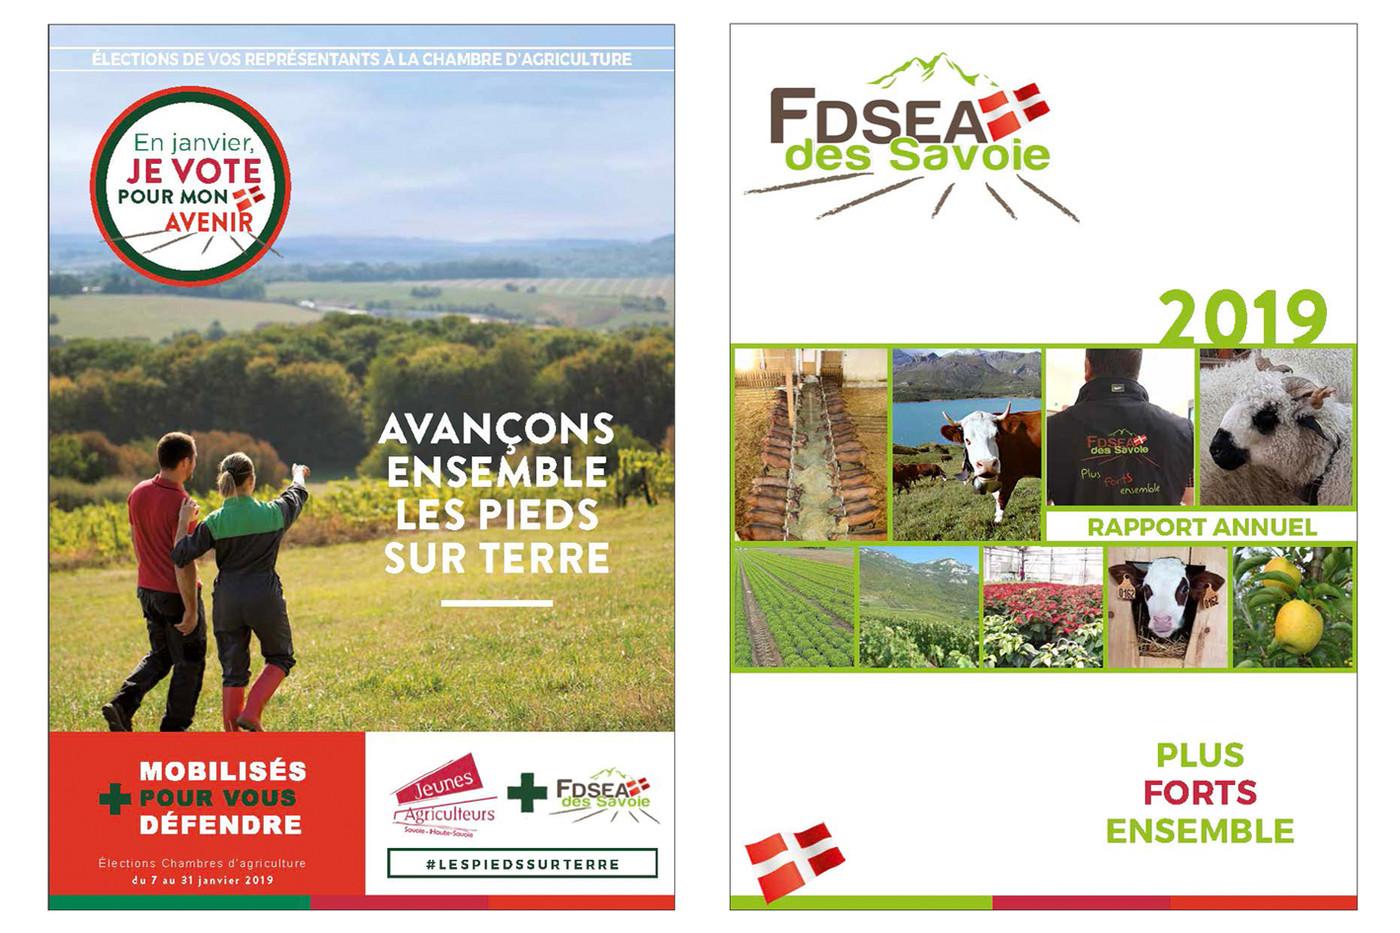 FDSEA des Savoie